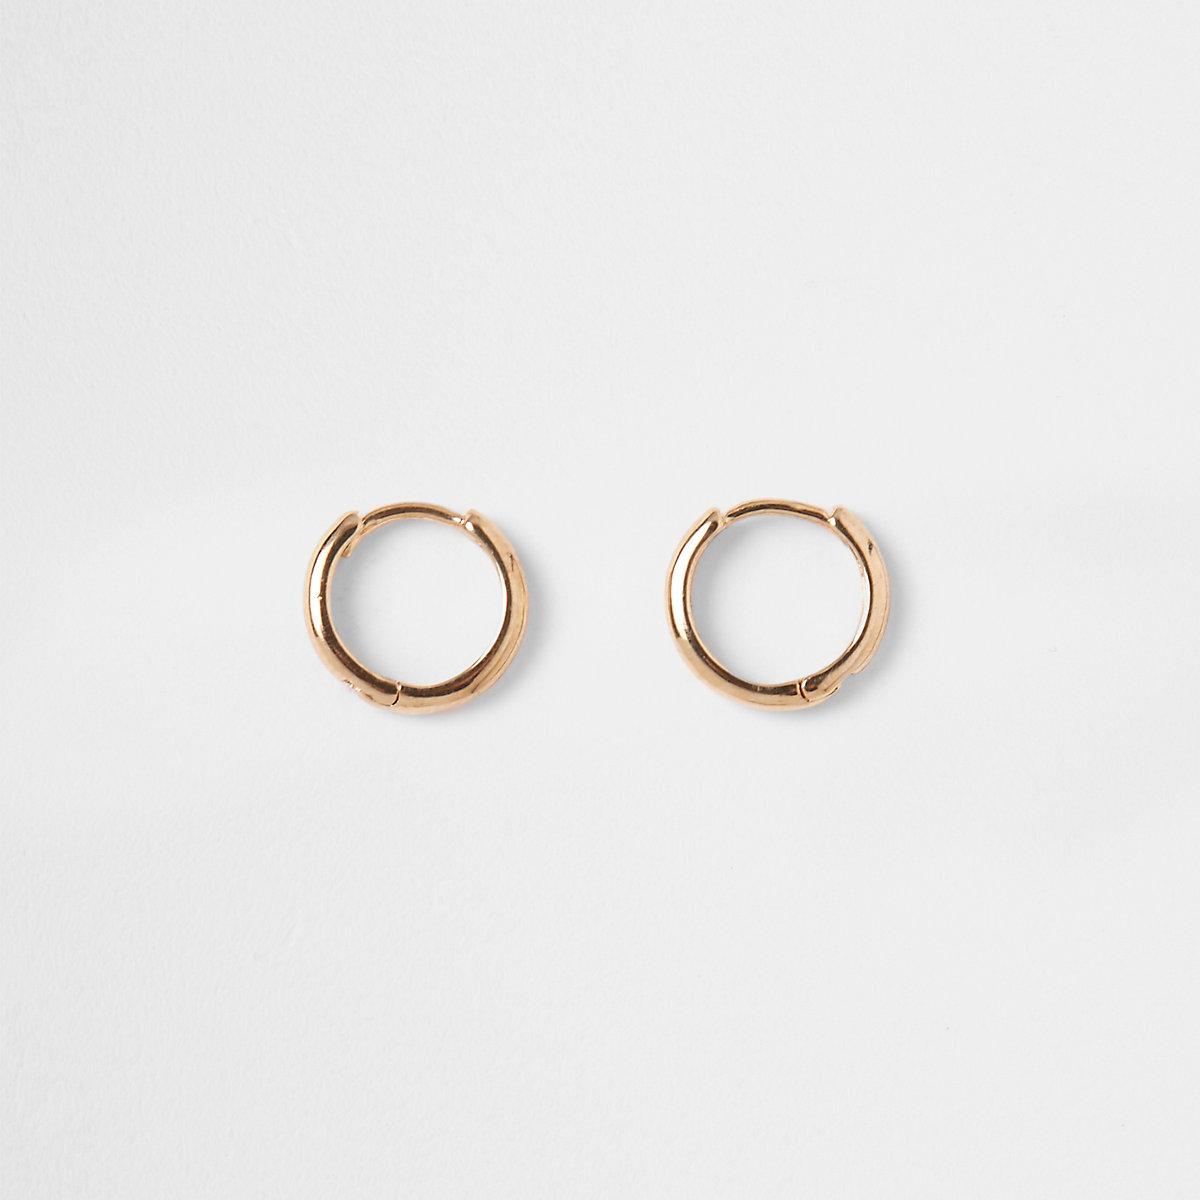 Gold plated sleeper hoop earrings